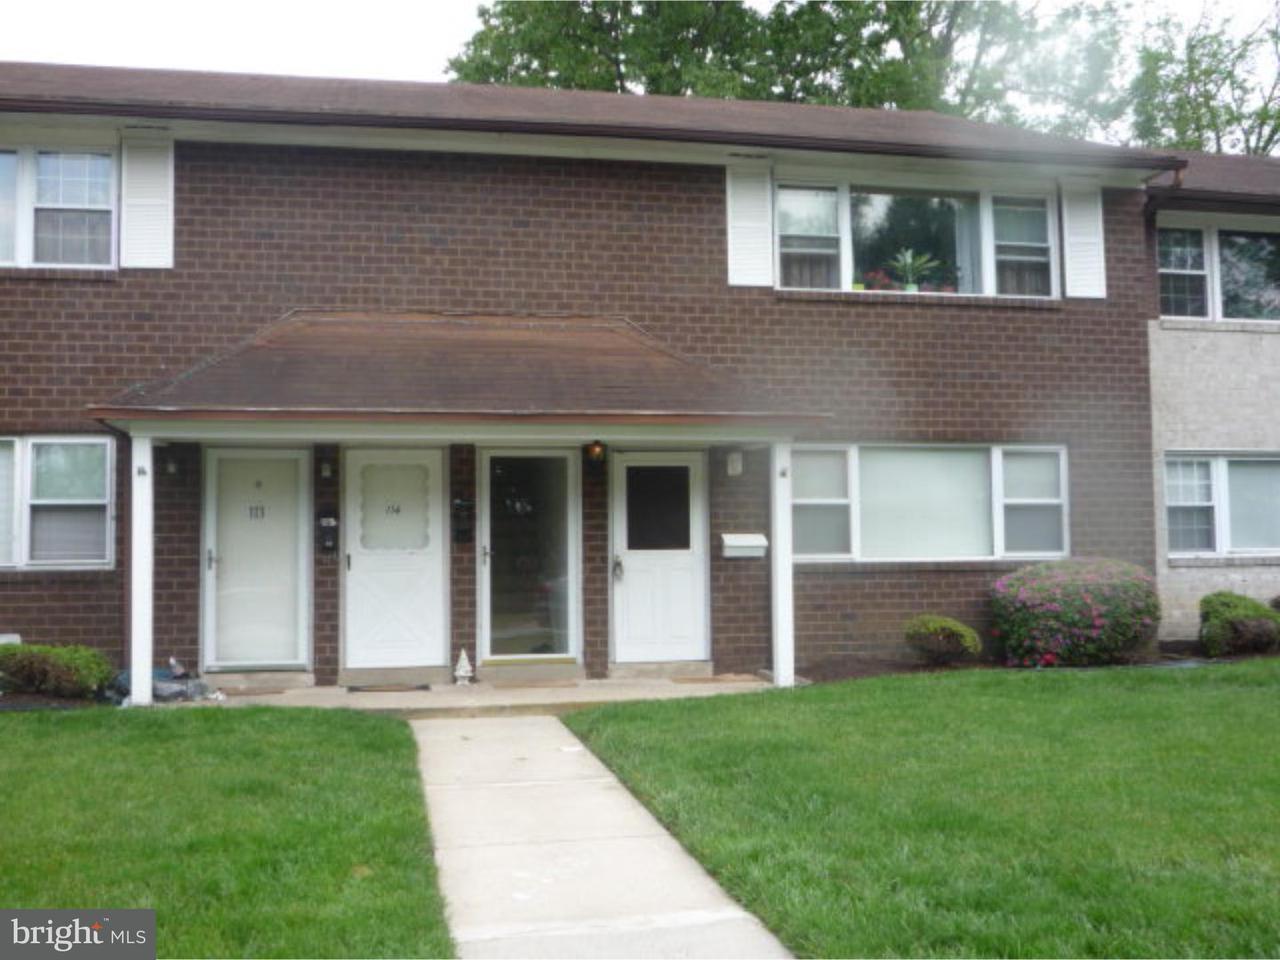 Appartement en copropriété pour l à louer à 810 N FORKLANDING RD #115 Maple Shade, New Jersey 08052 États-Unis